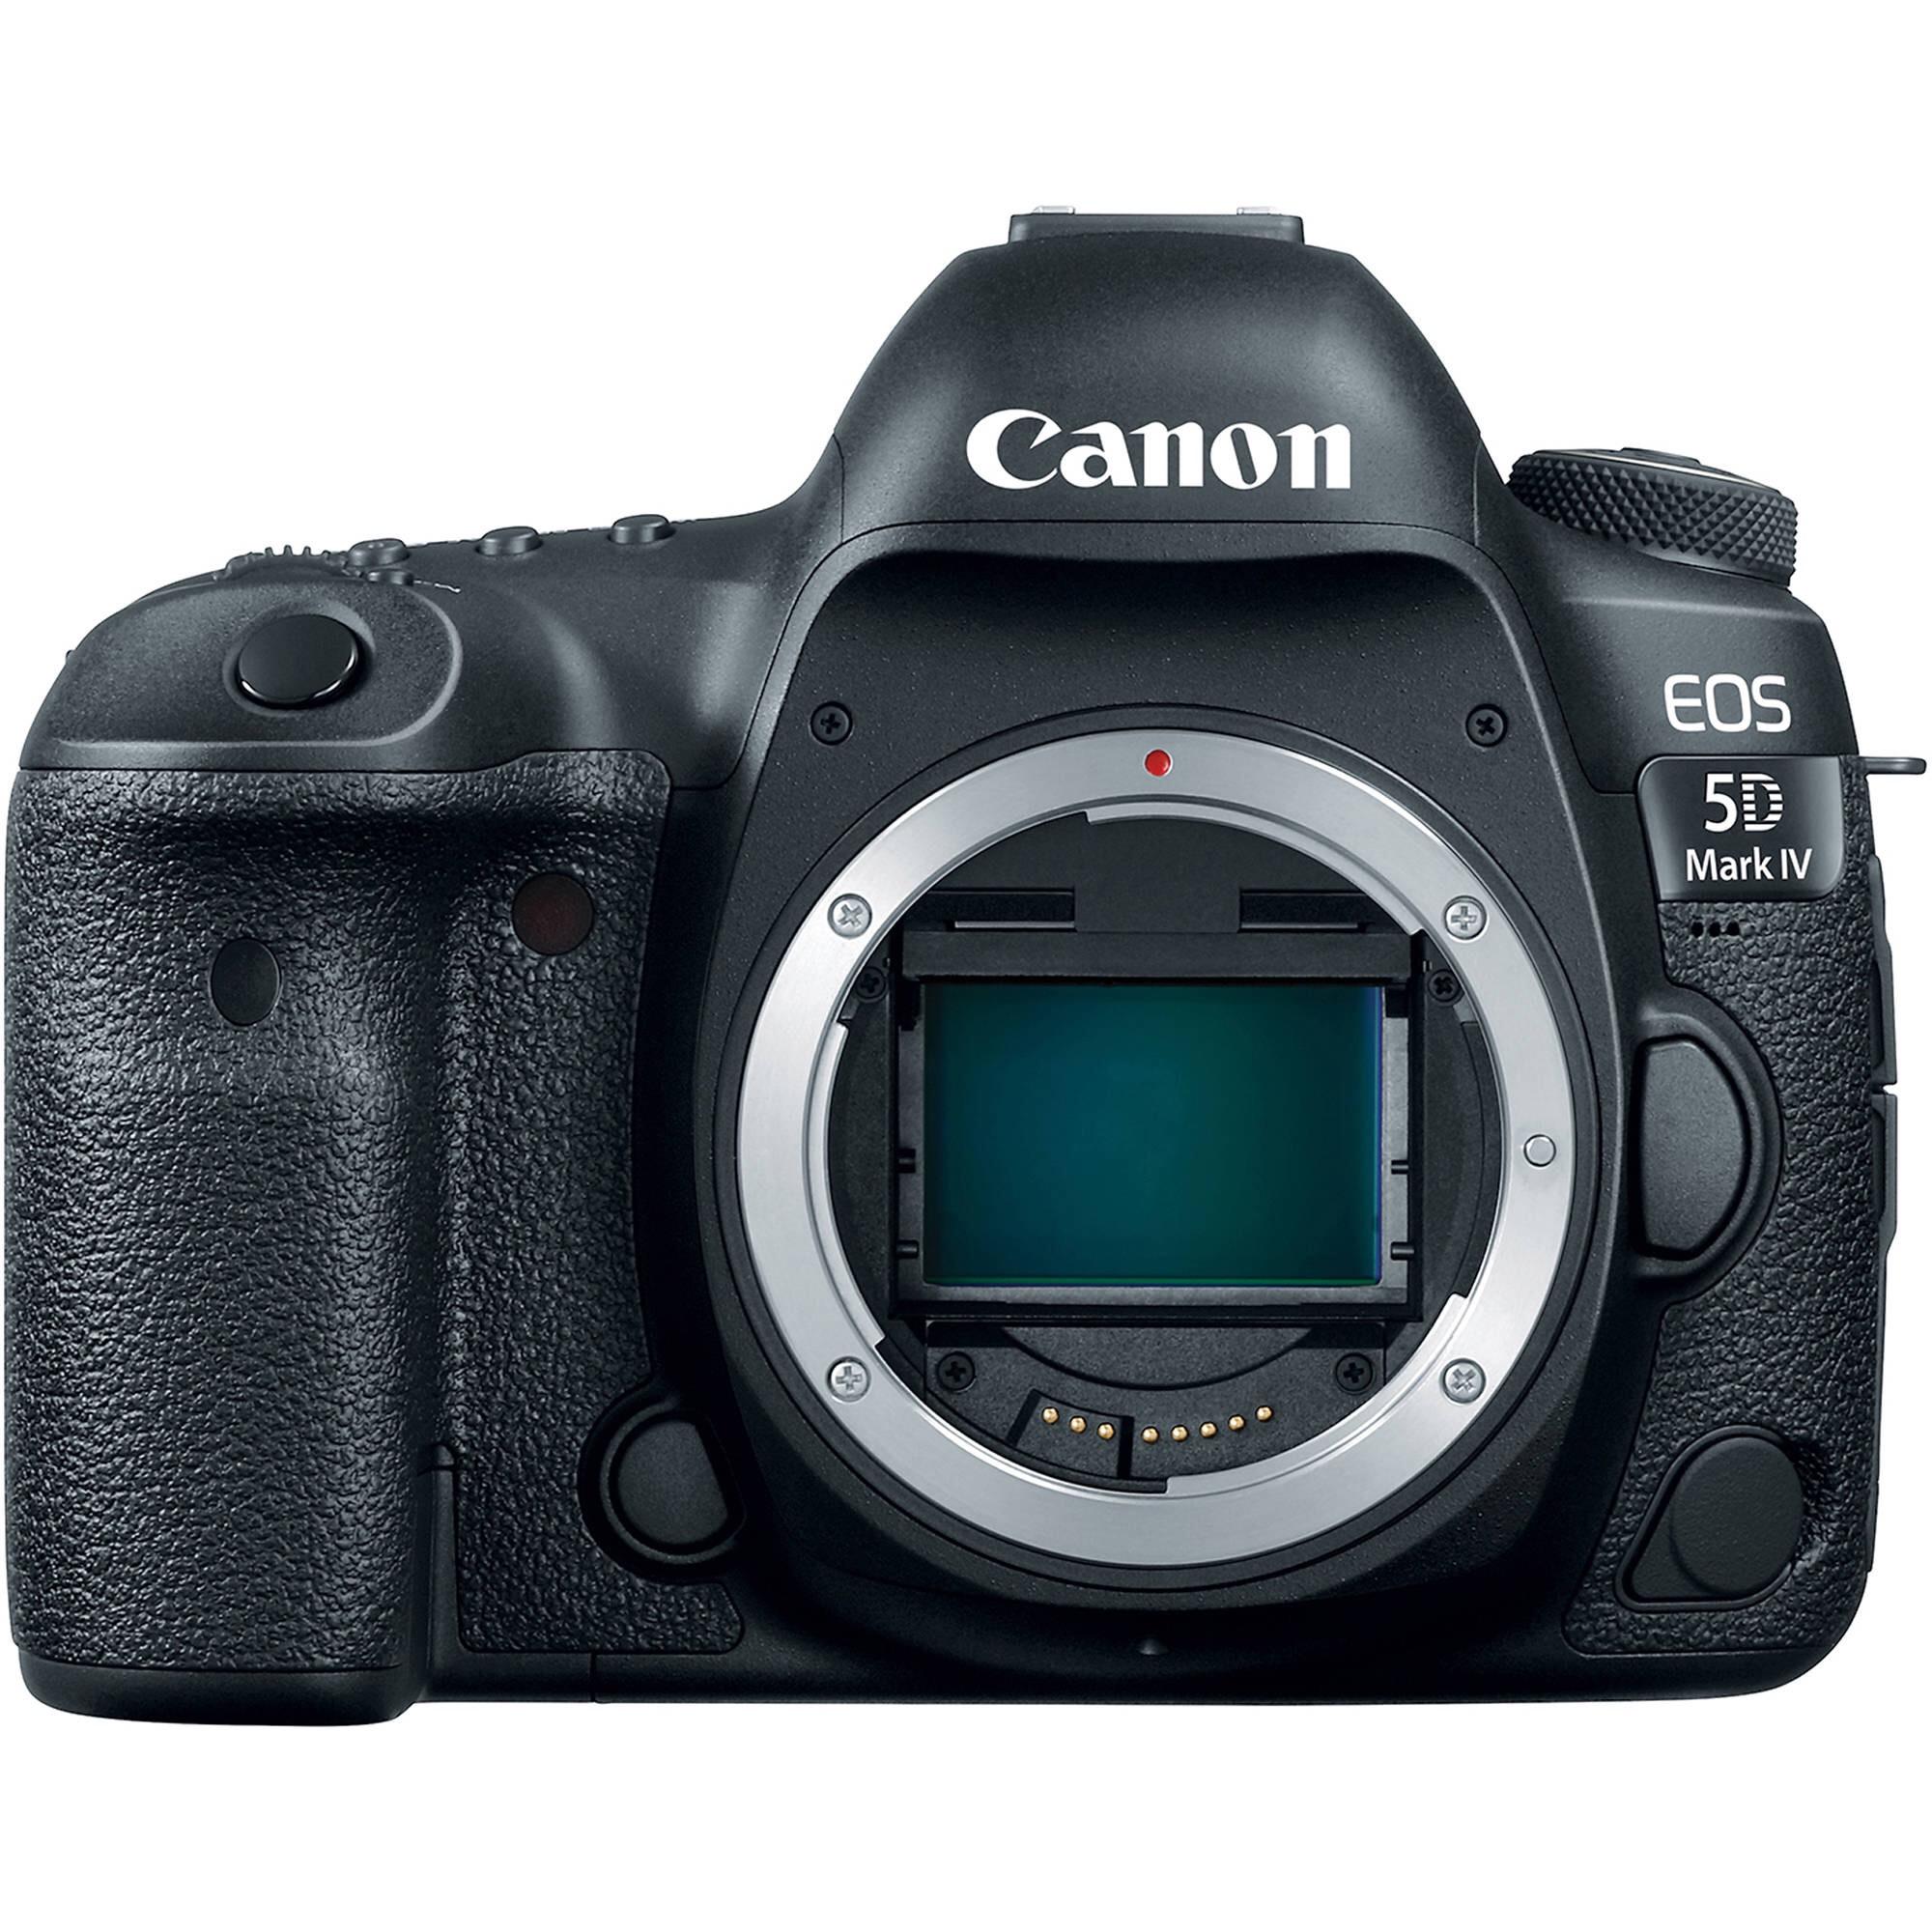 Canon - bis zu 300 € CashBack oder 350 € Guthaben